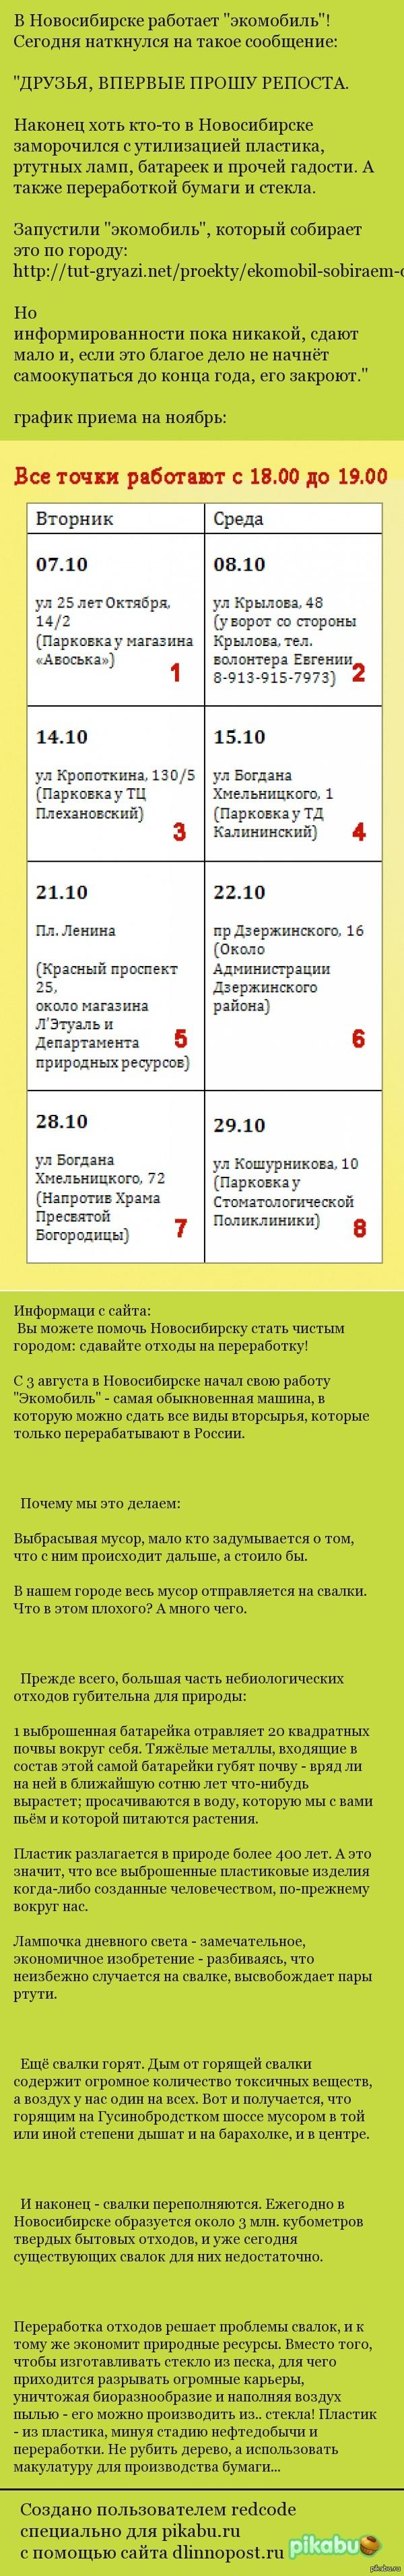 """Утилизация отходов, Новосибирск Готов нажать кнопку """"не начислять мне рейтинга с этого поста"""", но ее нет, так что комментарий для минусов внутри."""